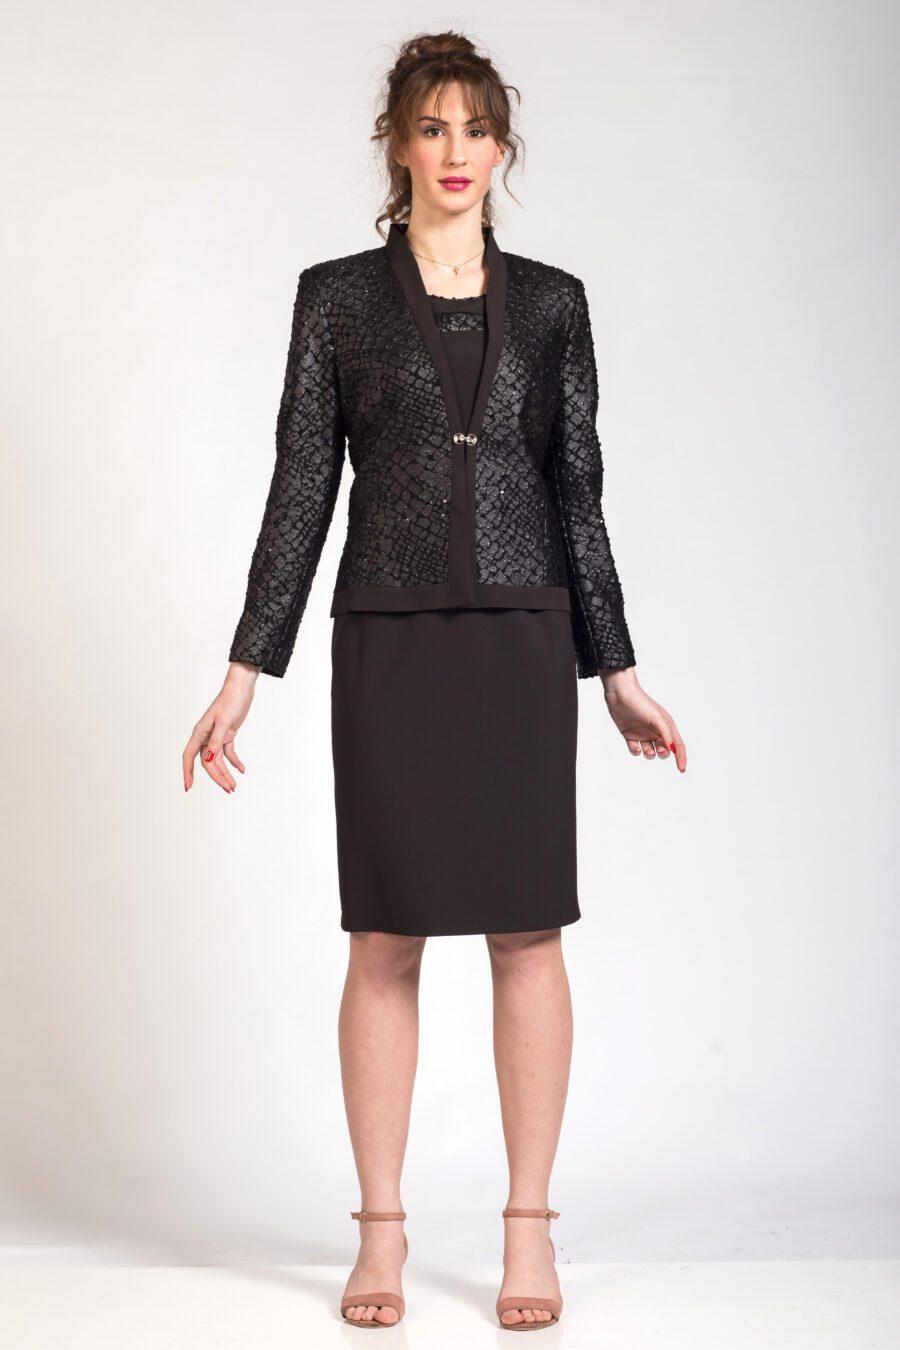 Μαύρο σύνολο μπολερό φόρεμα